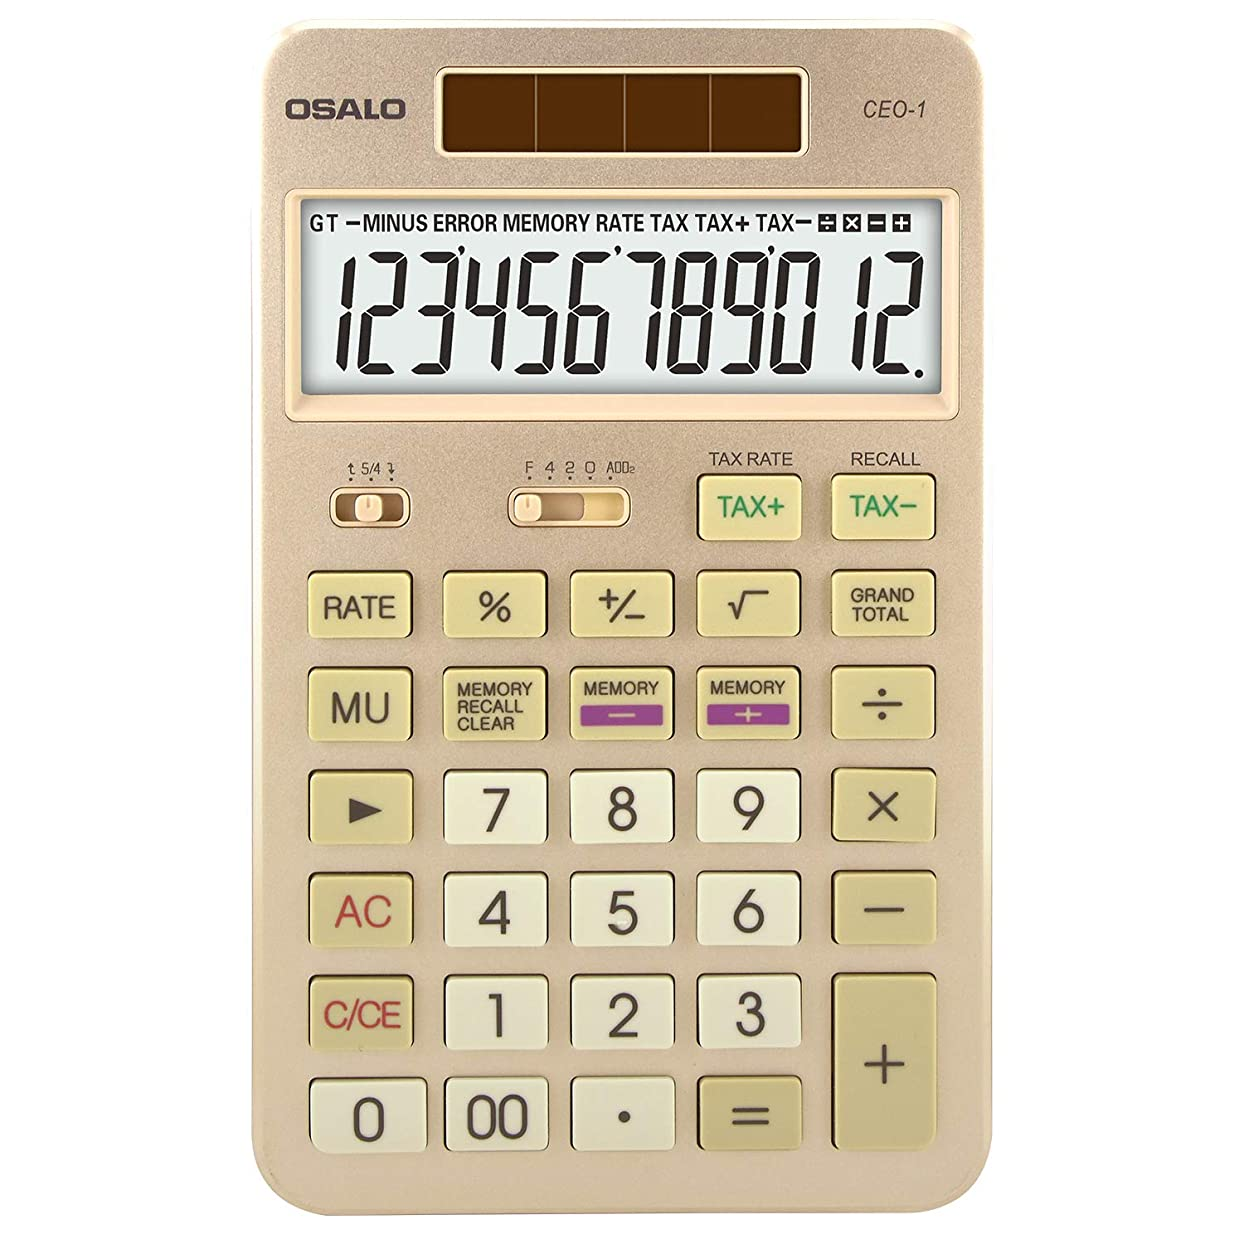 逸話気難しい半ばPendancy 特大ディスプレイ 12桁 電子税金機能計算機 ゴールド